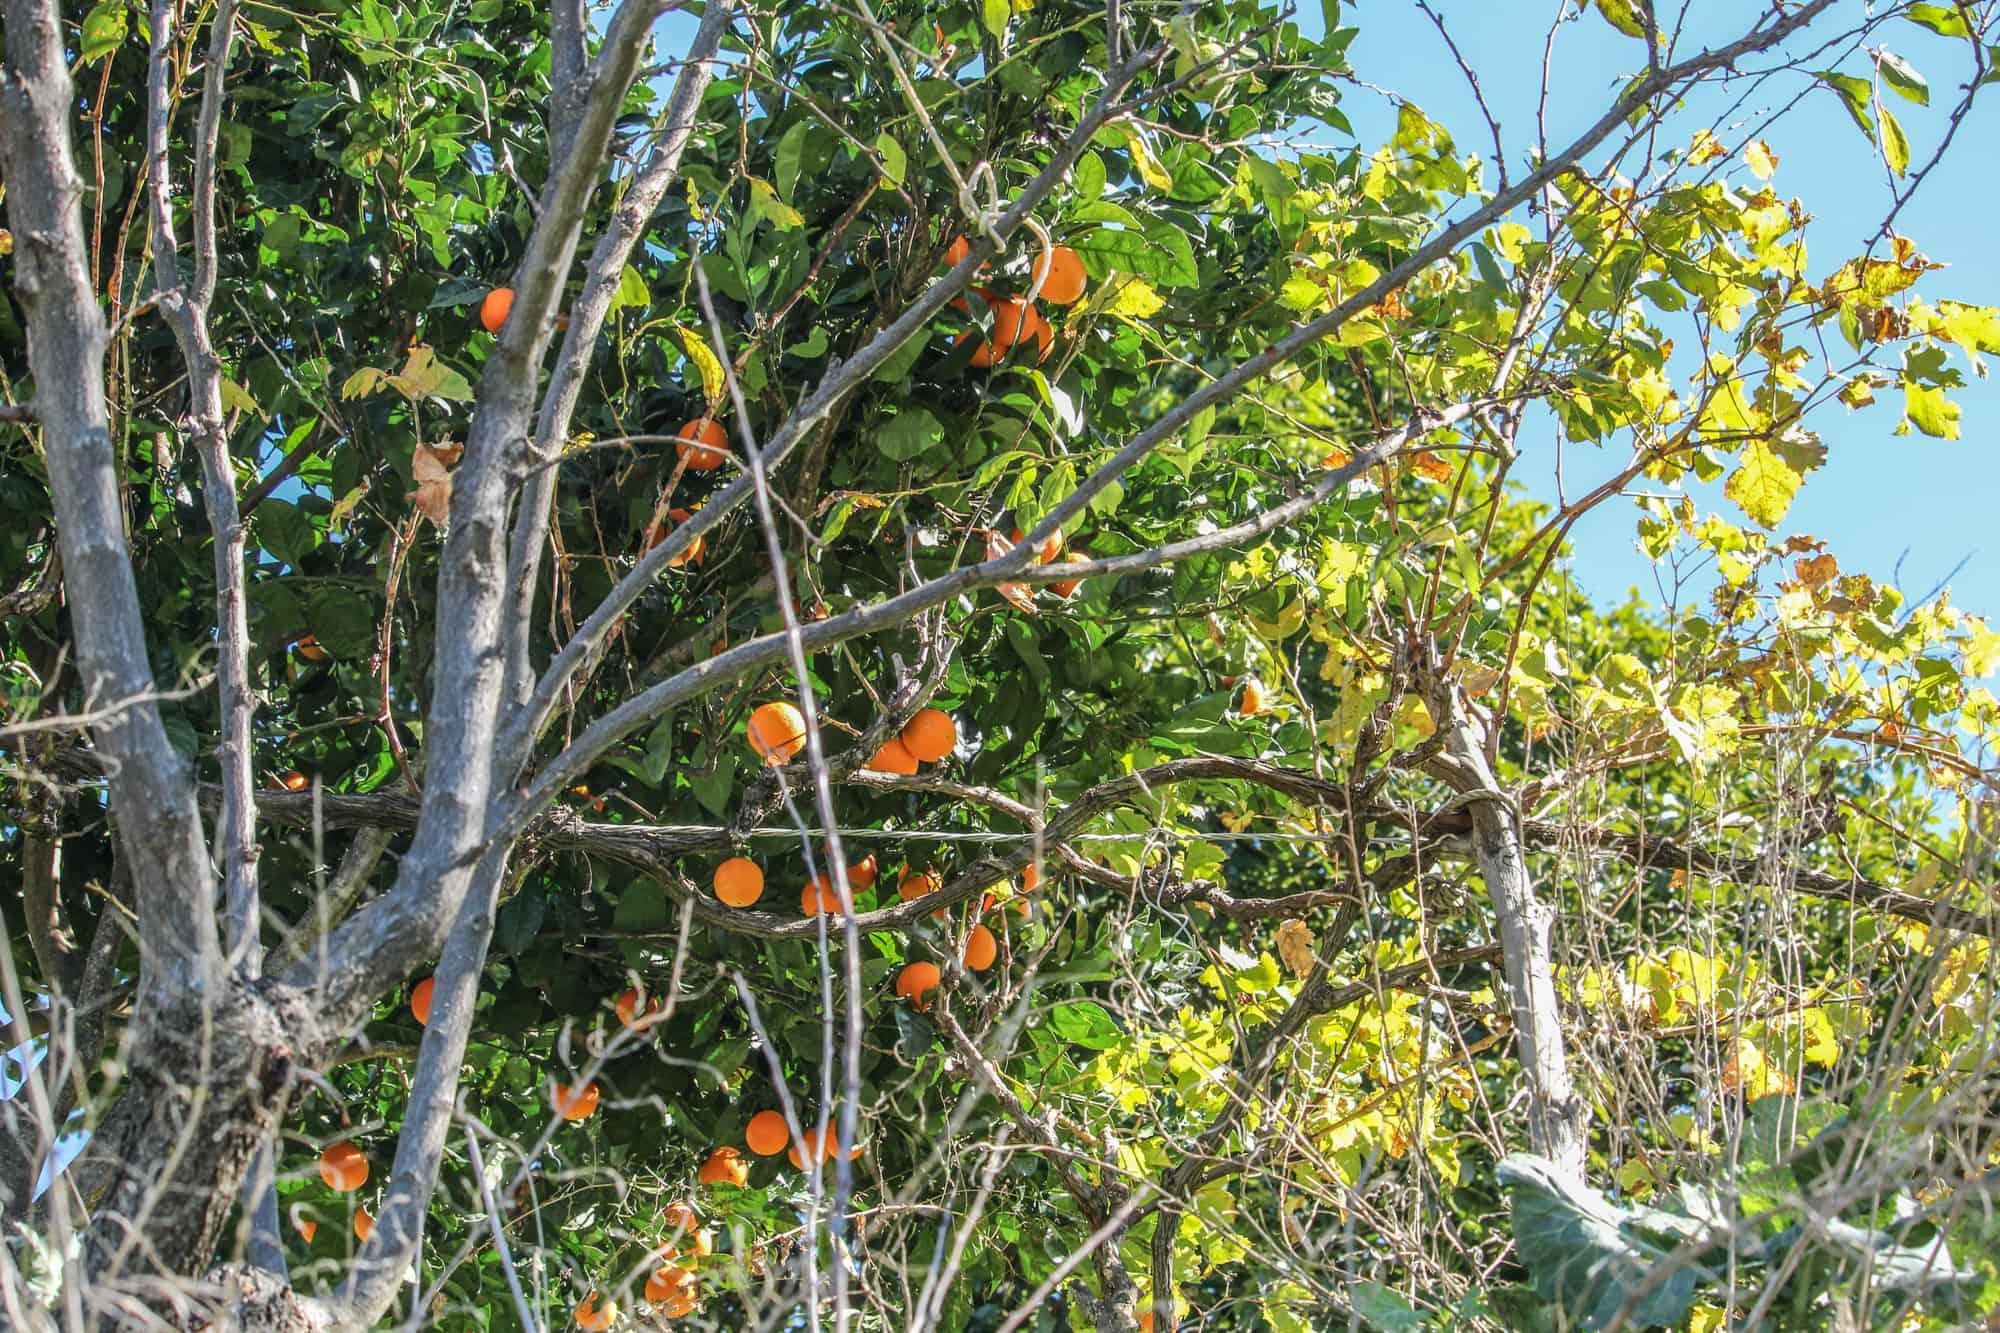 orangenbaum artenara